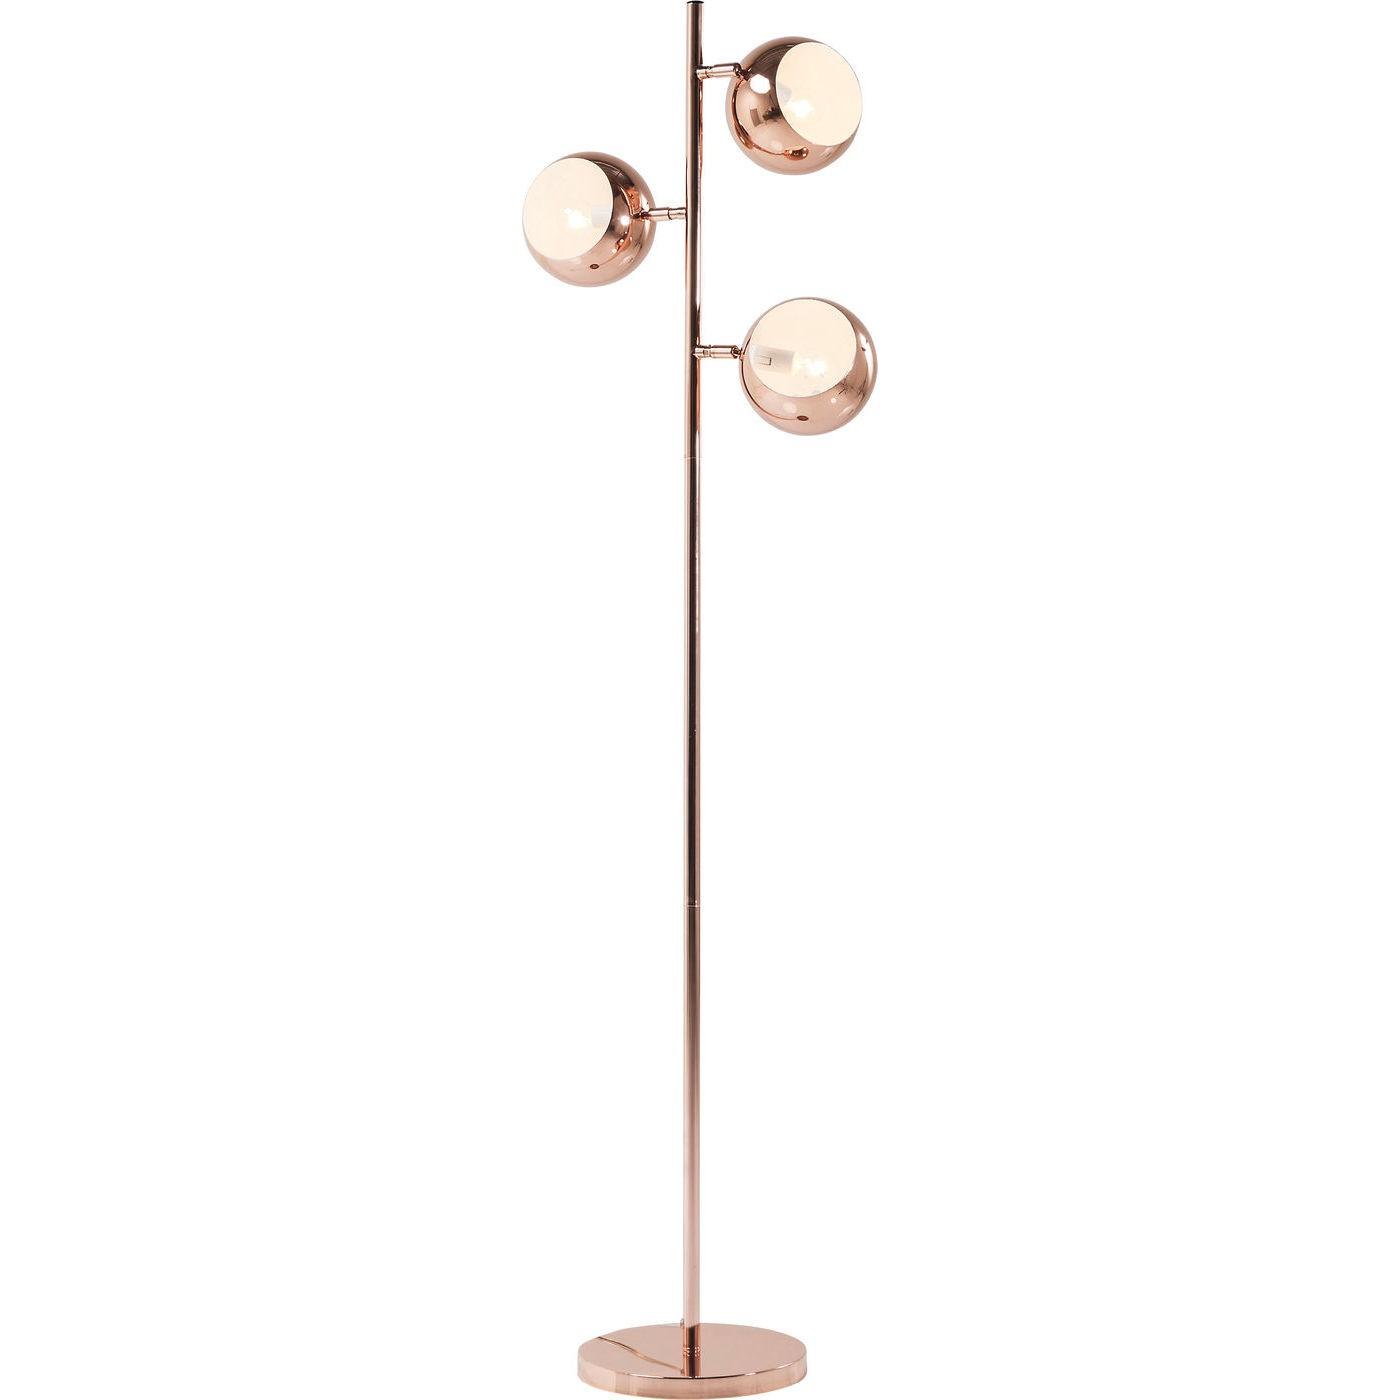 https://www.allesinwonderland.nl/7741/3-lichts-vloerlamp-koper.jpg